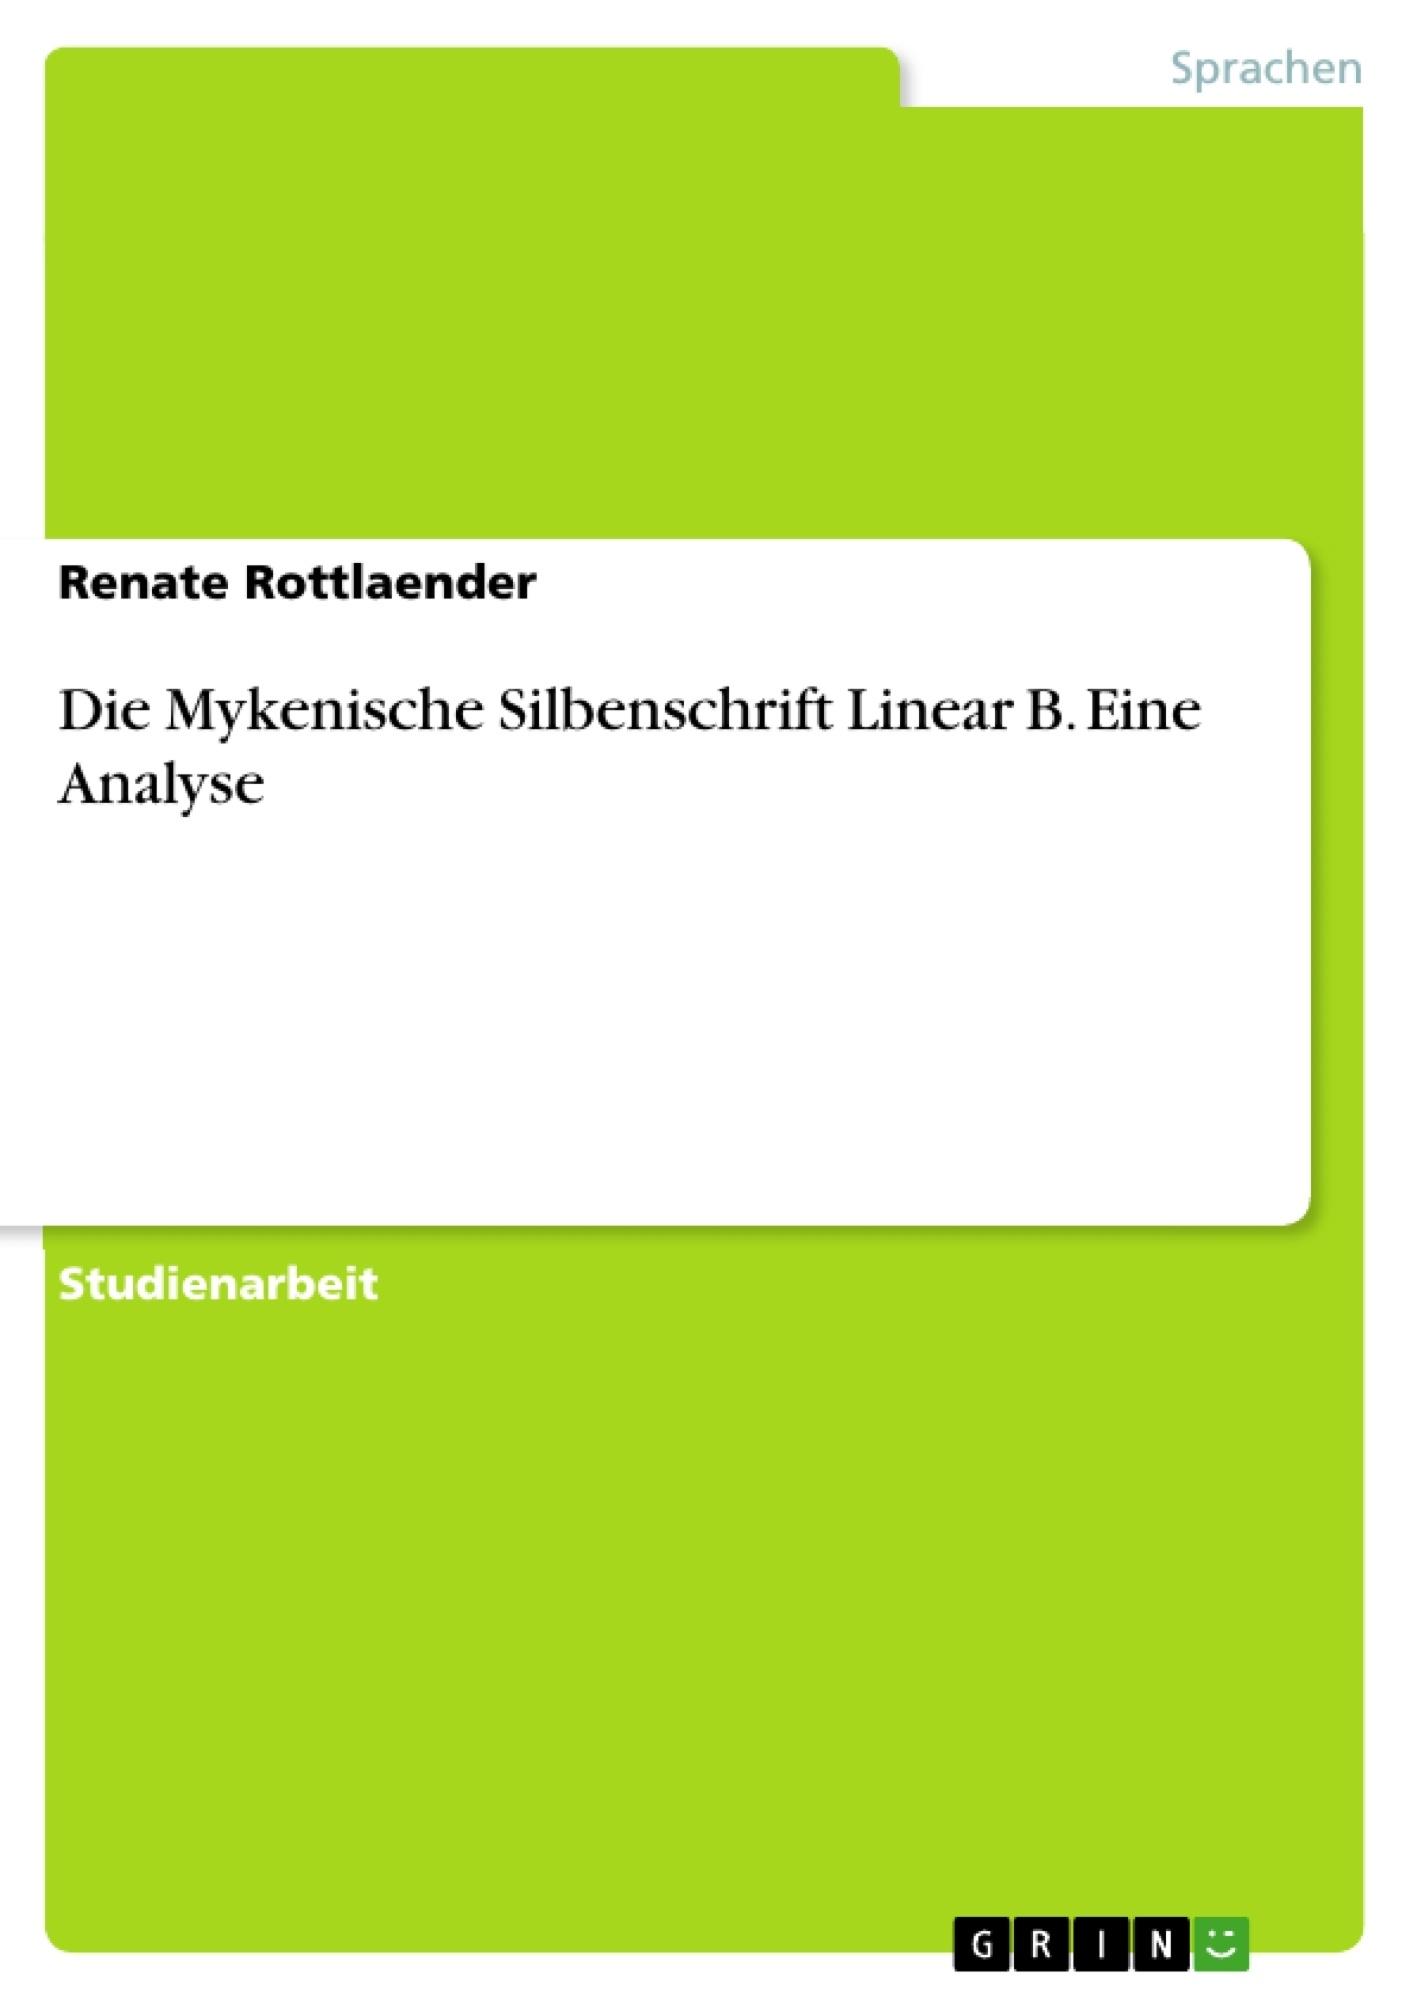 Titel: Die Mykenische Silbenschrift Linear B. Eine Analyse